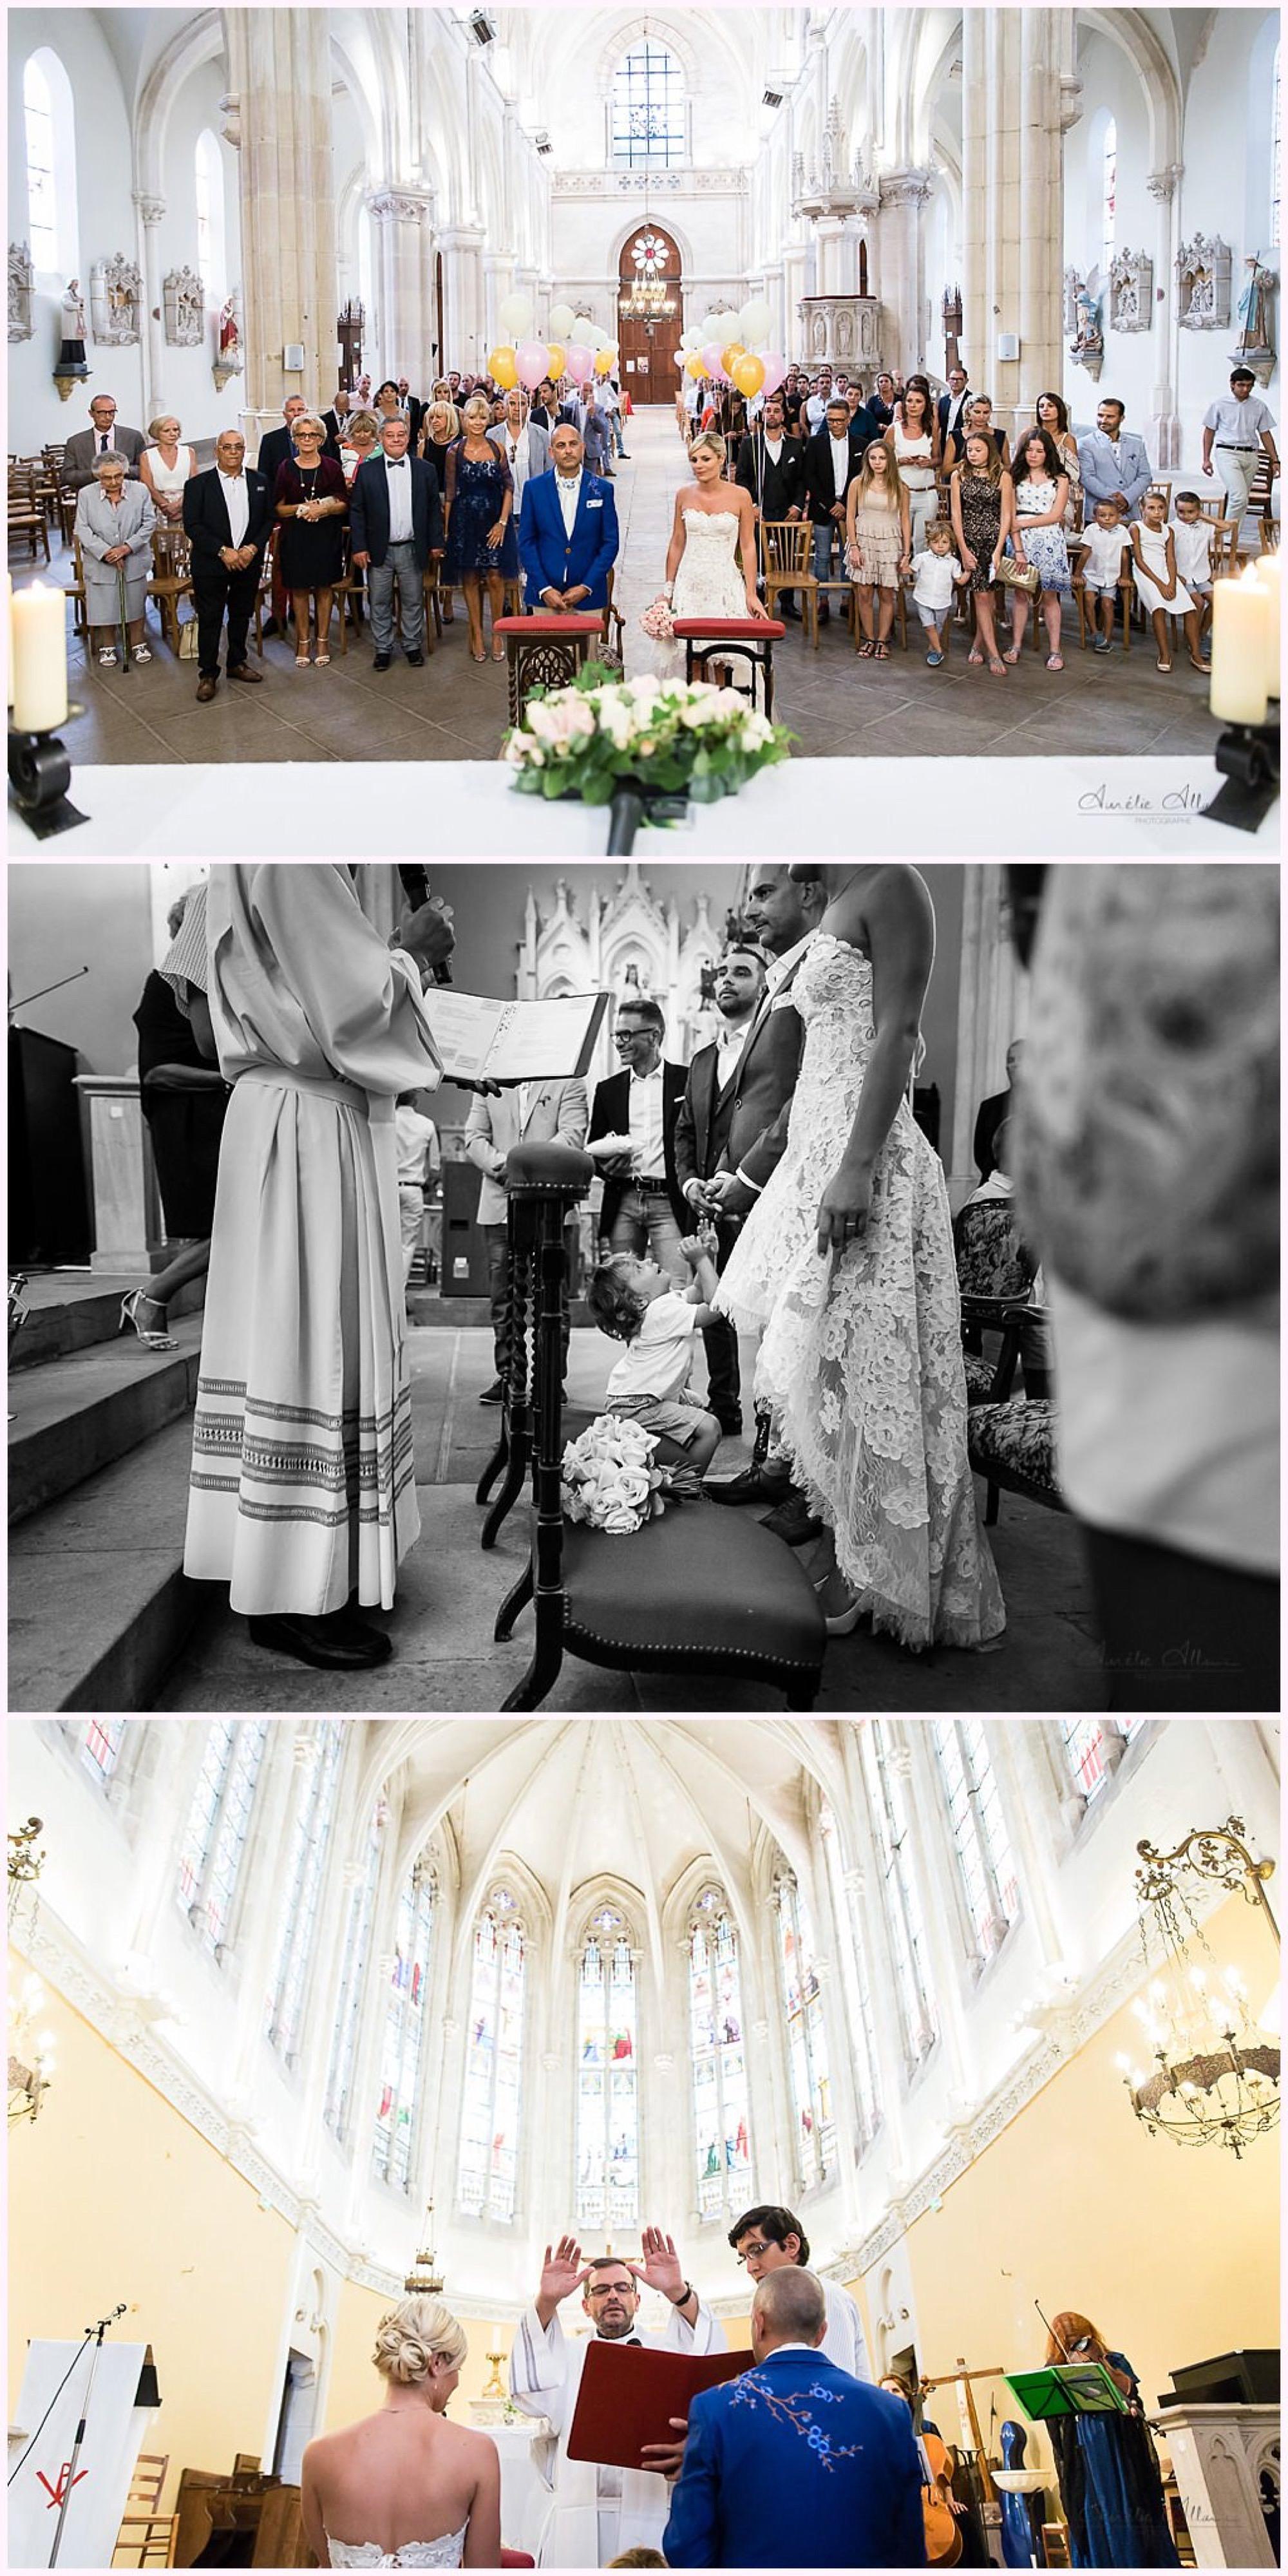 mariage émotion cérémonie église mâconnais mâcon mariage mâcon photographe mariage mâcon aurelie allanic